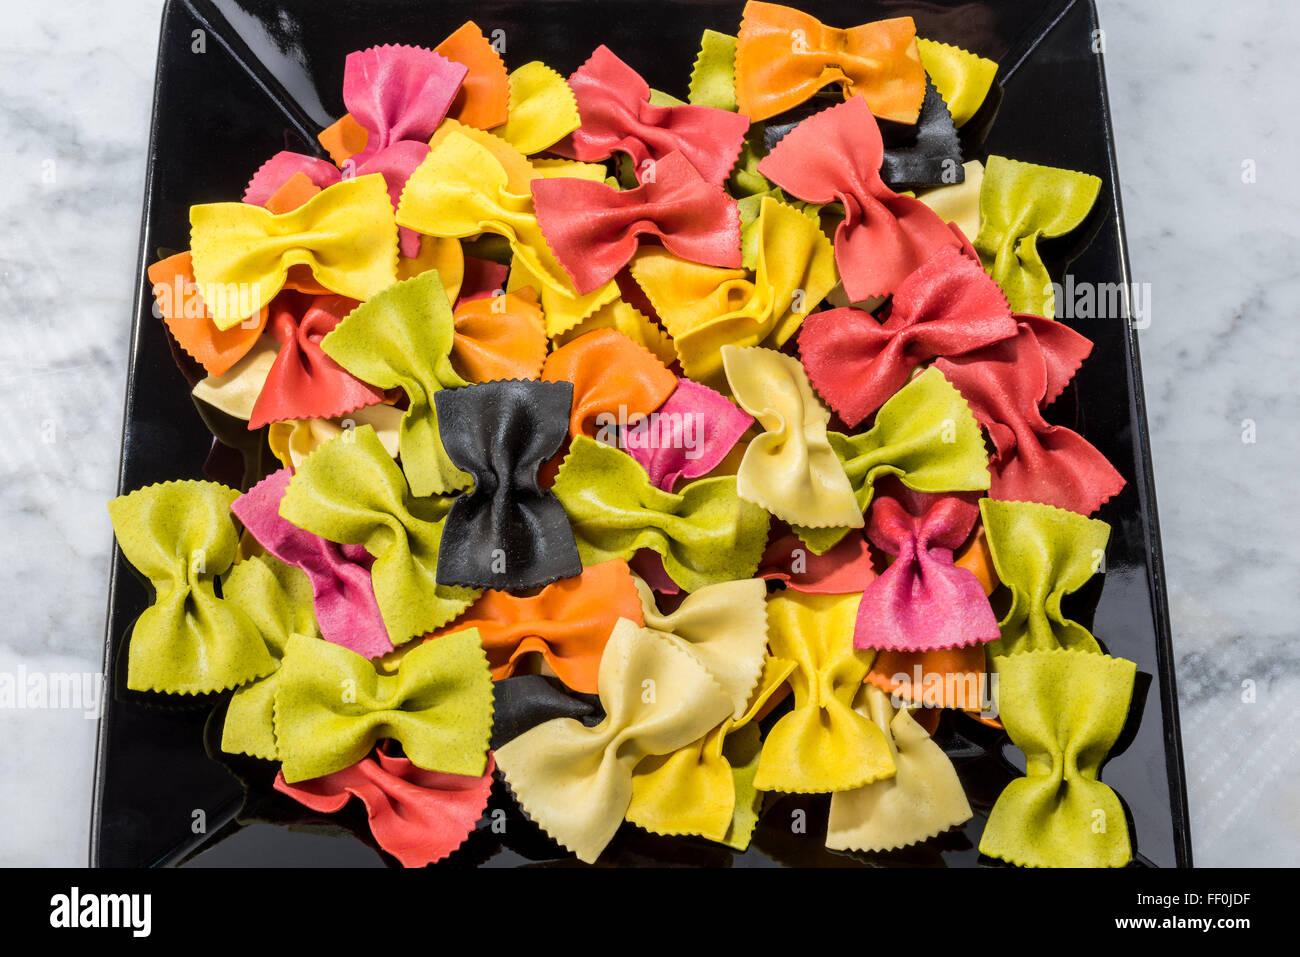 farfalle italy italian pasta pasta colored bicolor multicolor